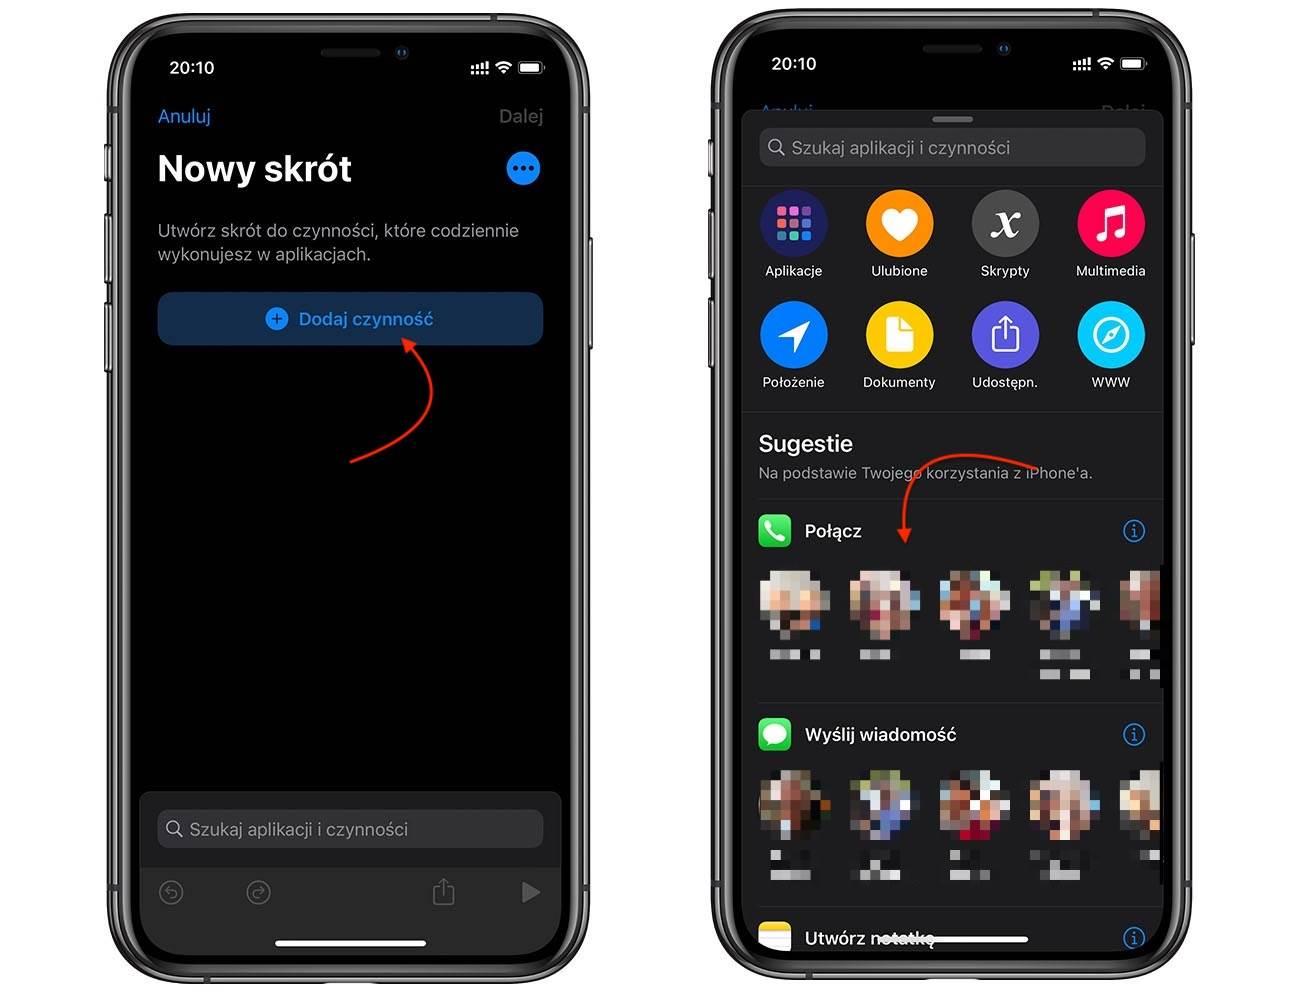 iOS 14 - przywracamy widget ulubione kontakty polecane, ciekawostki widżet, Widget, ulubione kontakty w widgecie, ulubione kontakty, iPhone, iOS 14  Mobilny system operacyjny iOS 14 dostępny jest dla wszystkich od niemal tygodnia. Aktualizacja zawiera szereg przydatnych innowacji, ale zniknęły również niektóre przydatne funkcje znane z iOS 13. kontakty 1